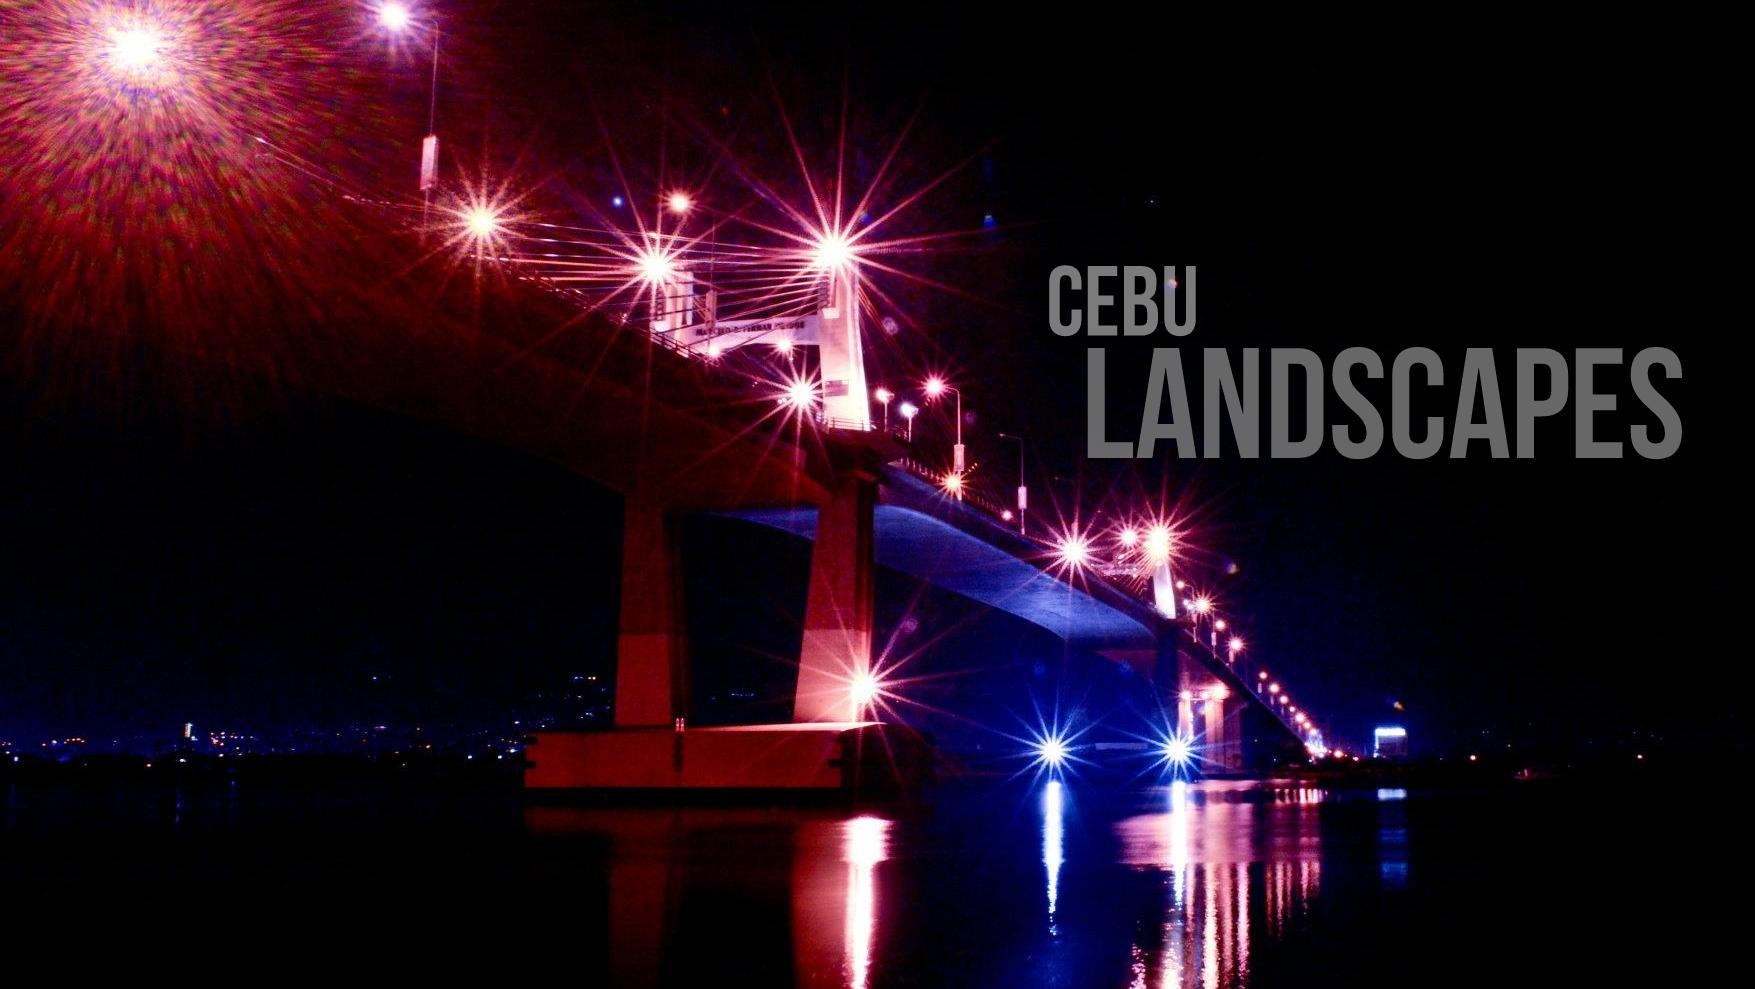 Cebu Landscape